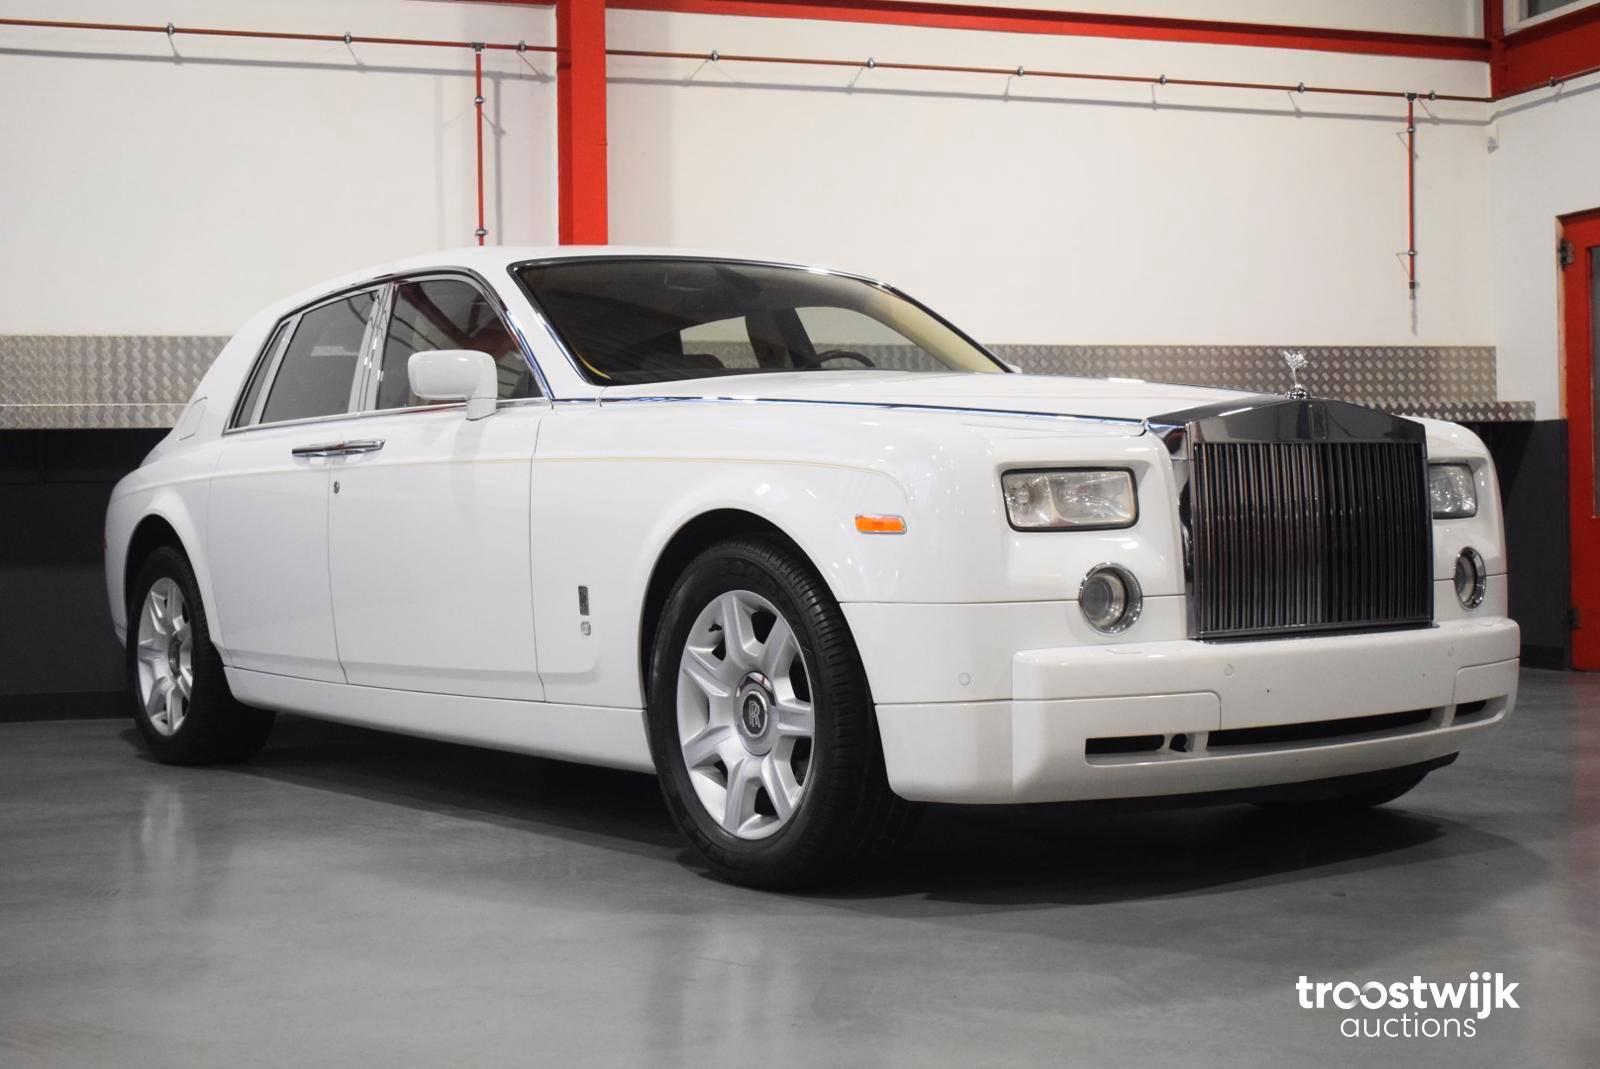 2005 Rolls Royce Phantom Limousine 6 75l V12 Car Troostwijk